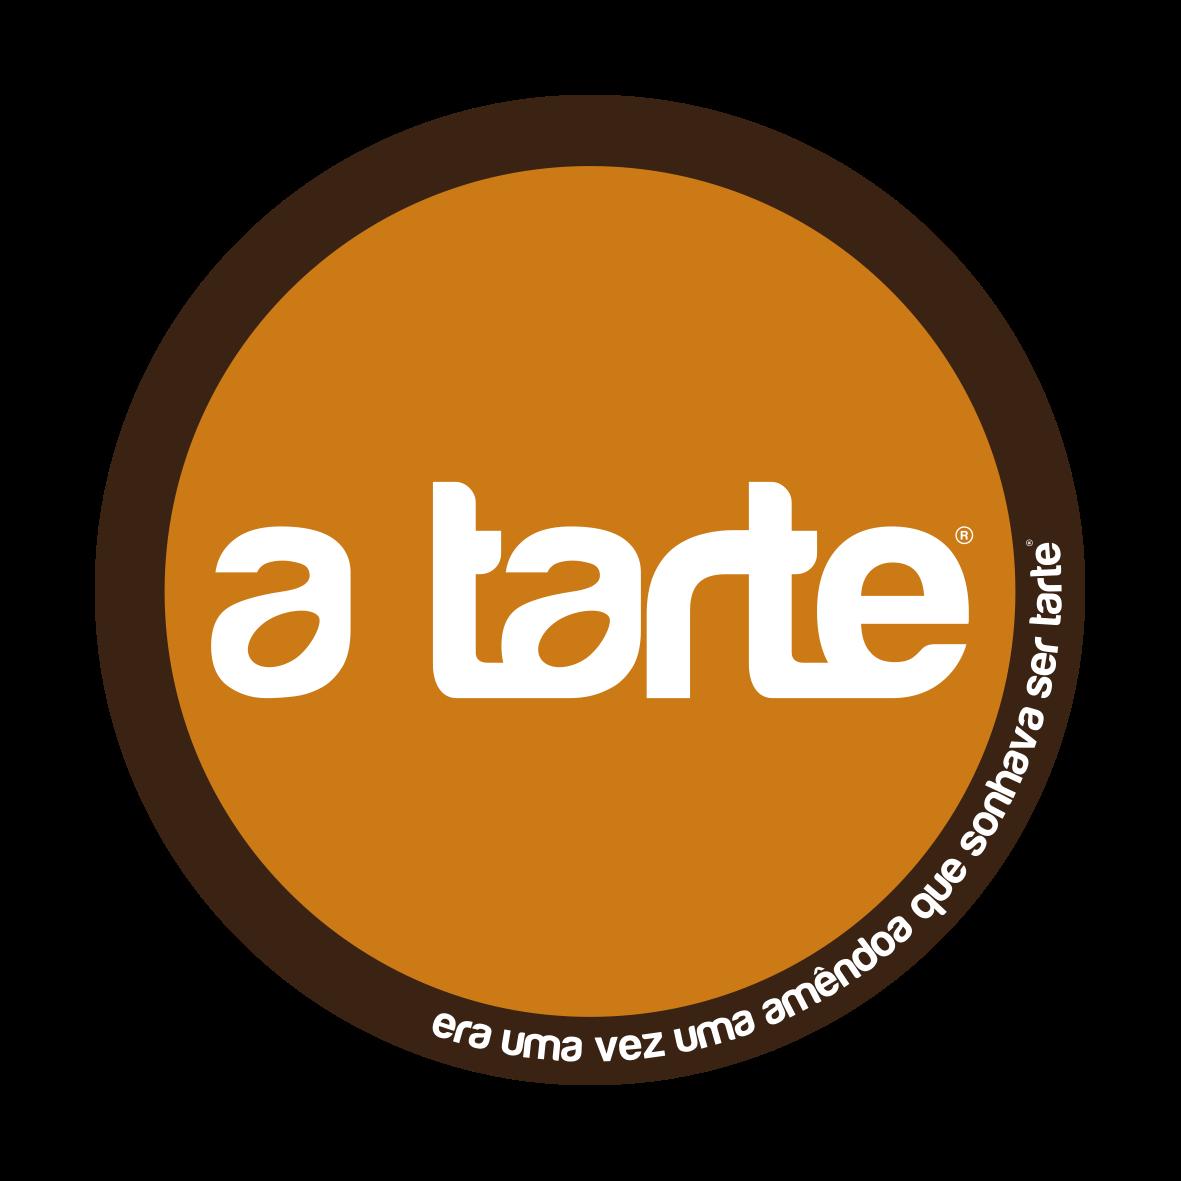 ATARTE&OGELADO